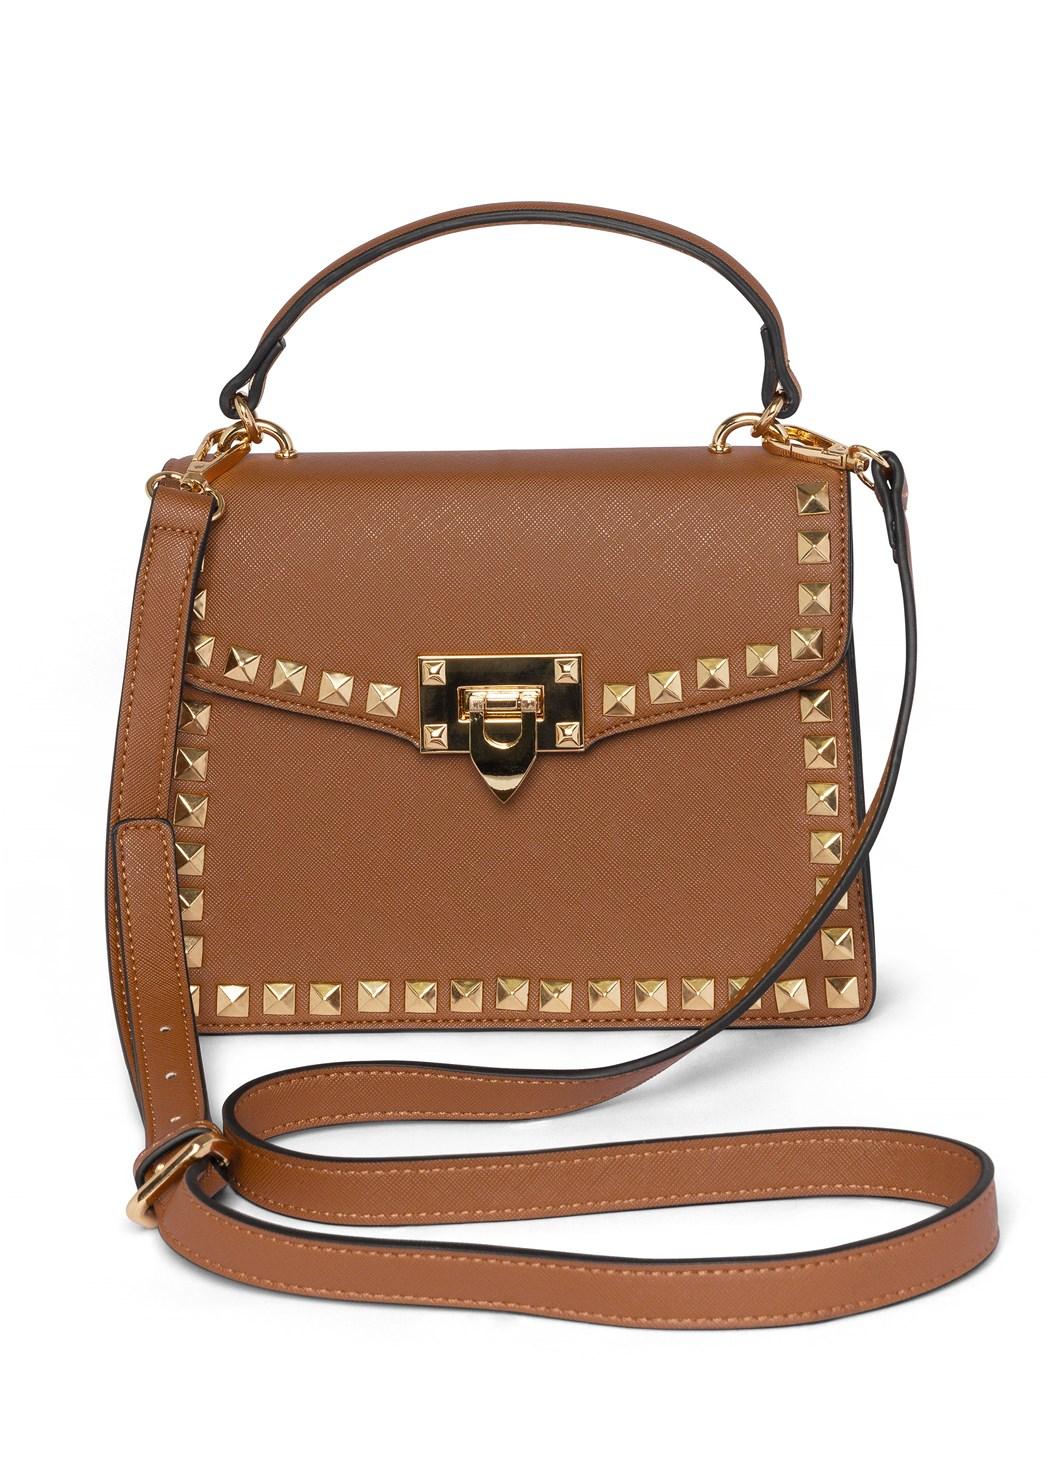 Stud Detail Handbag,Oversized Tassel Earrings